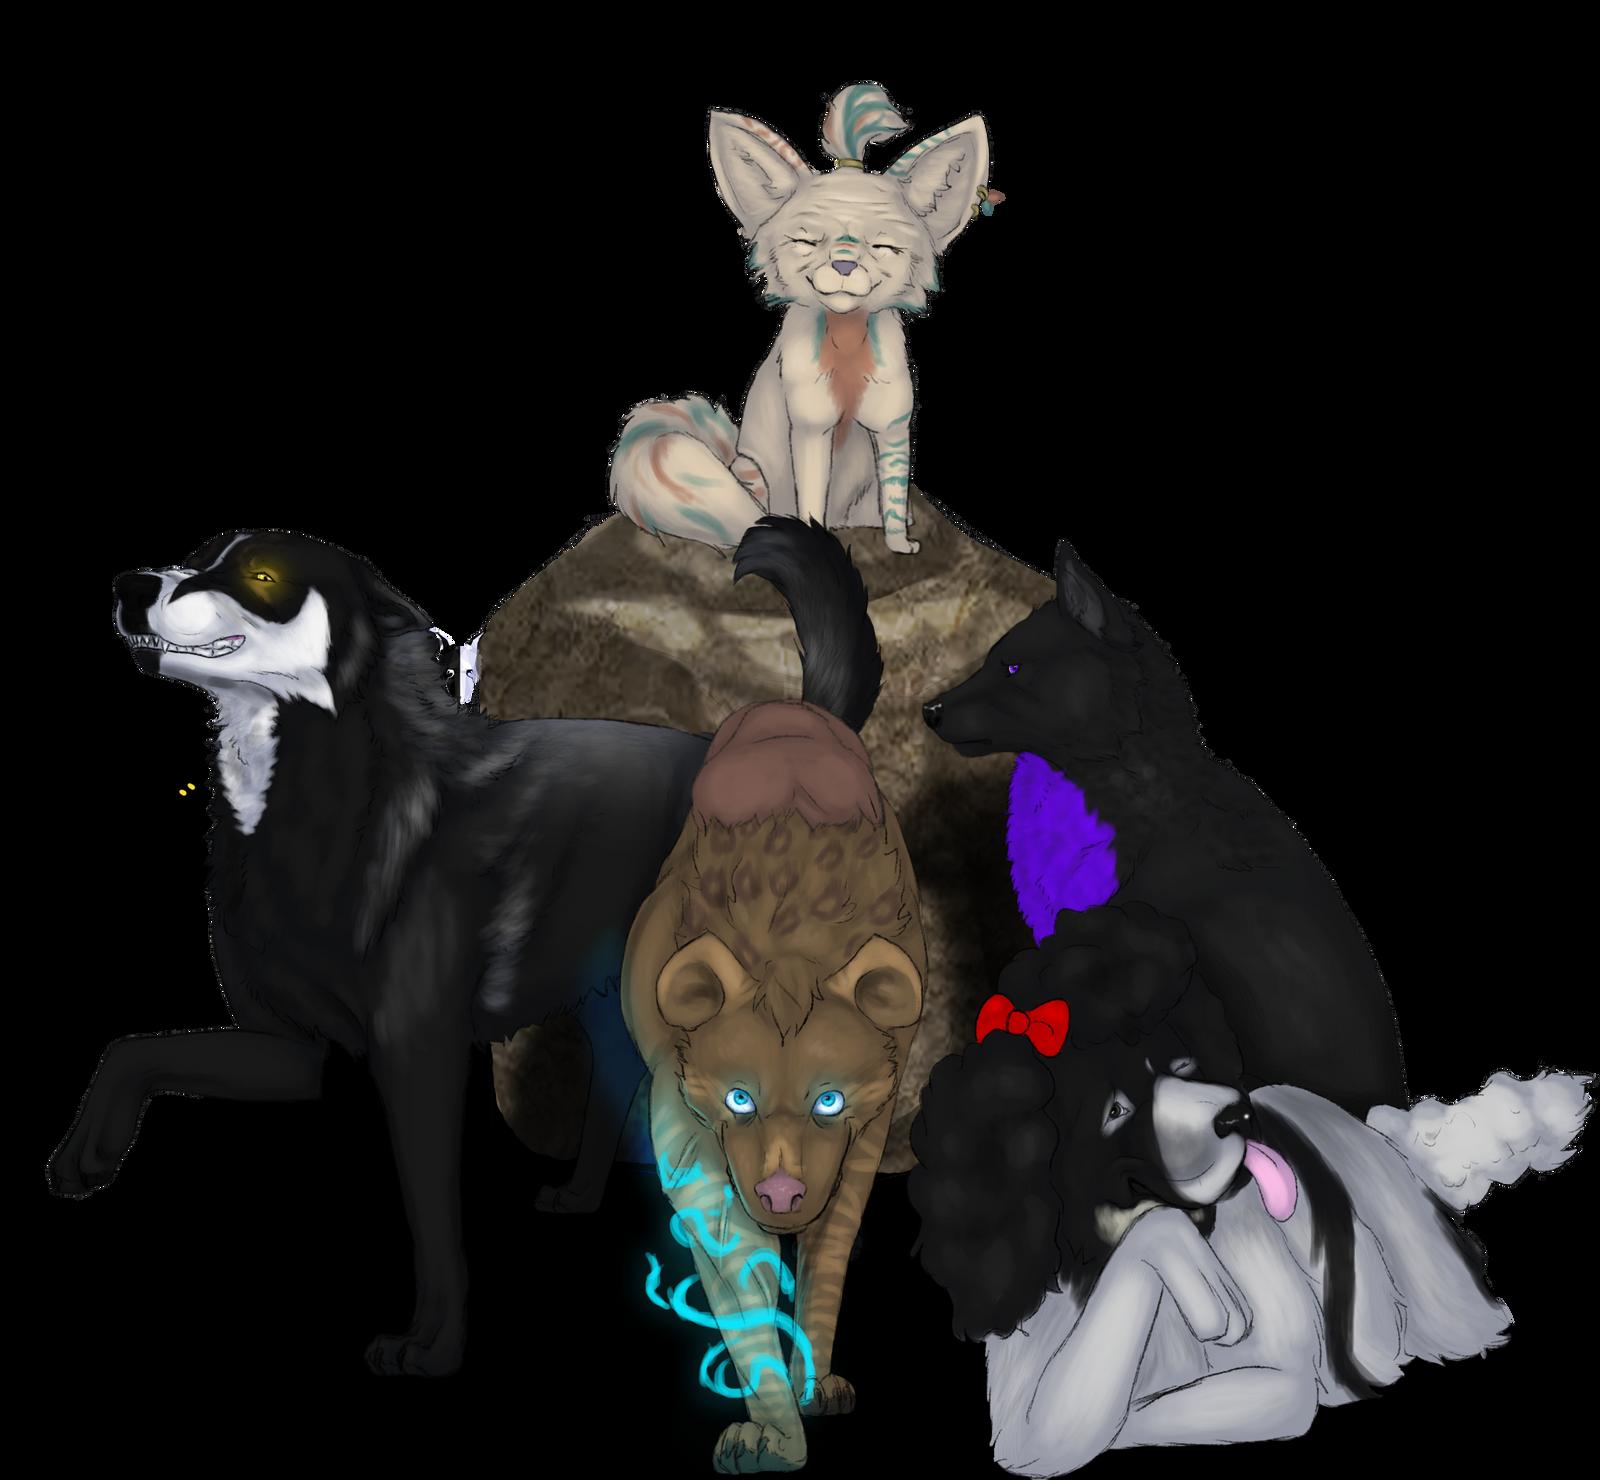 [AOT] Sek's Squad by The-Last-Archon